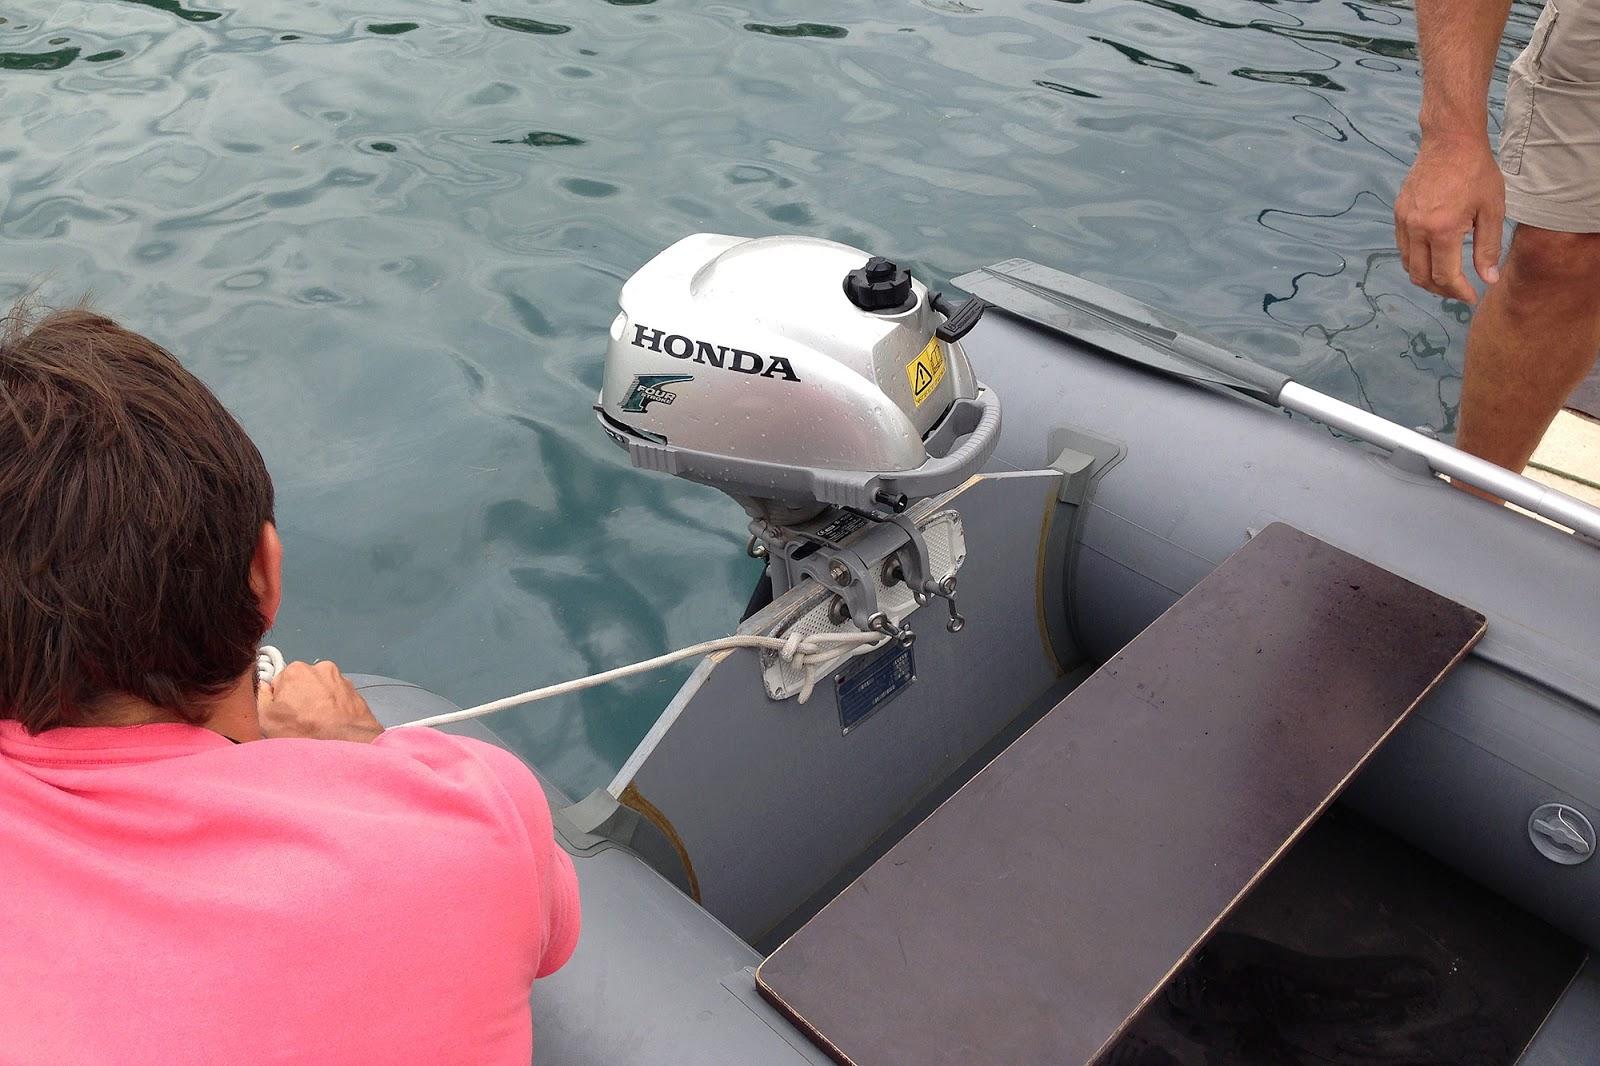 Изготовить якорь для резиновой лодки своими руками